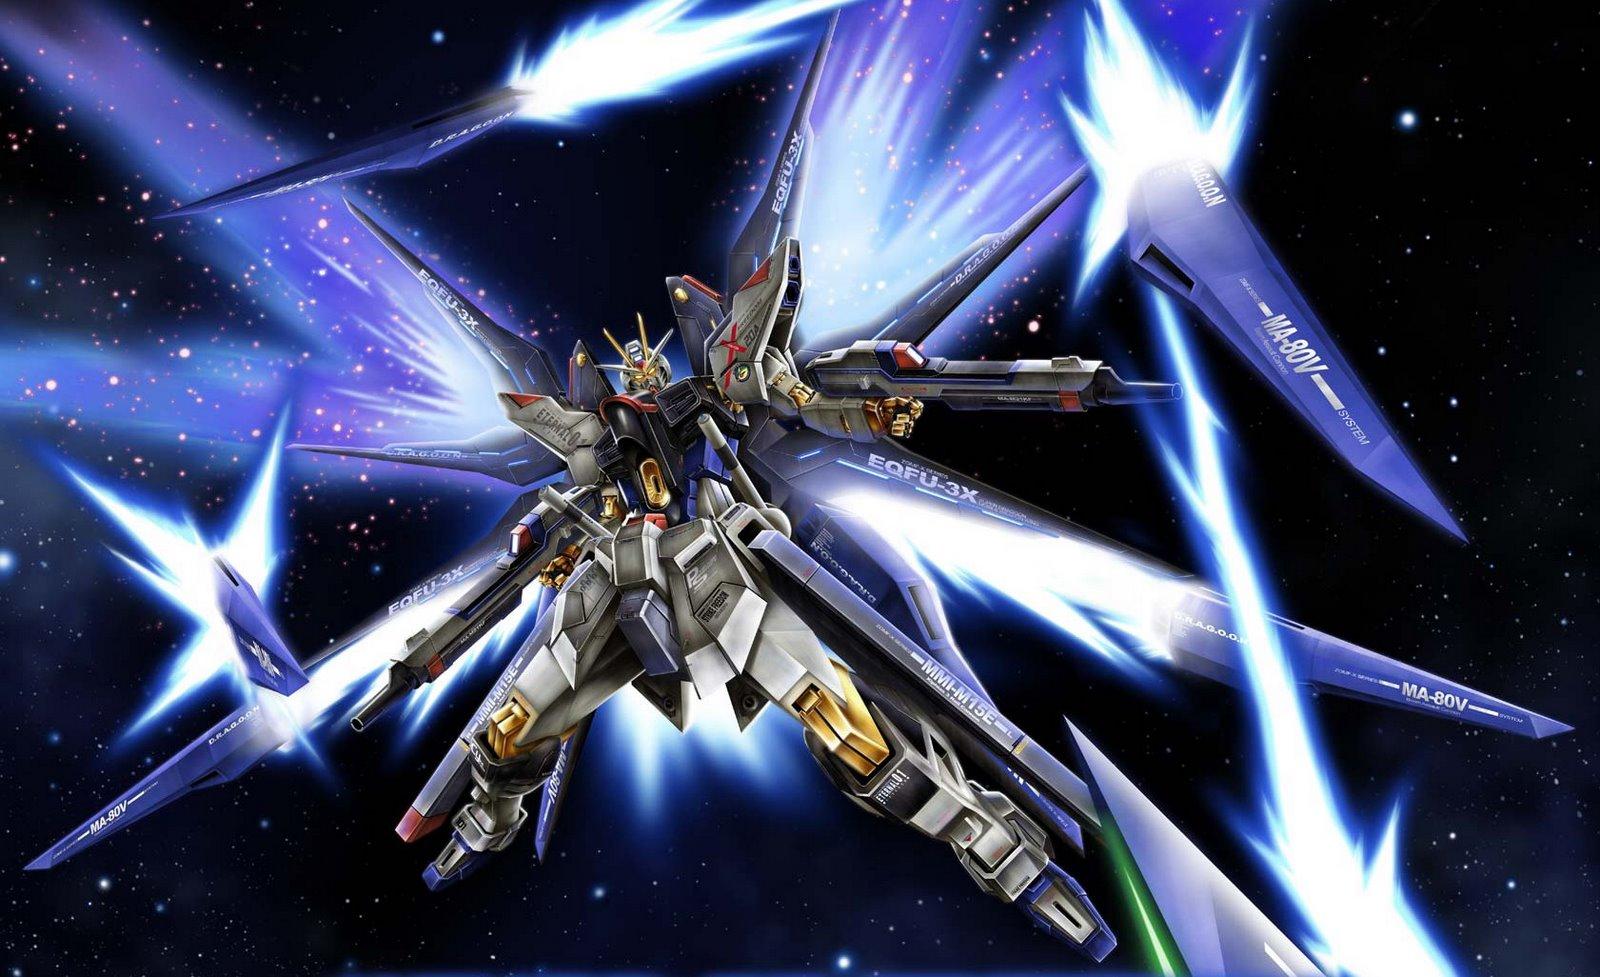 Gundam Pilot amp Mobile Suit 1600x977